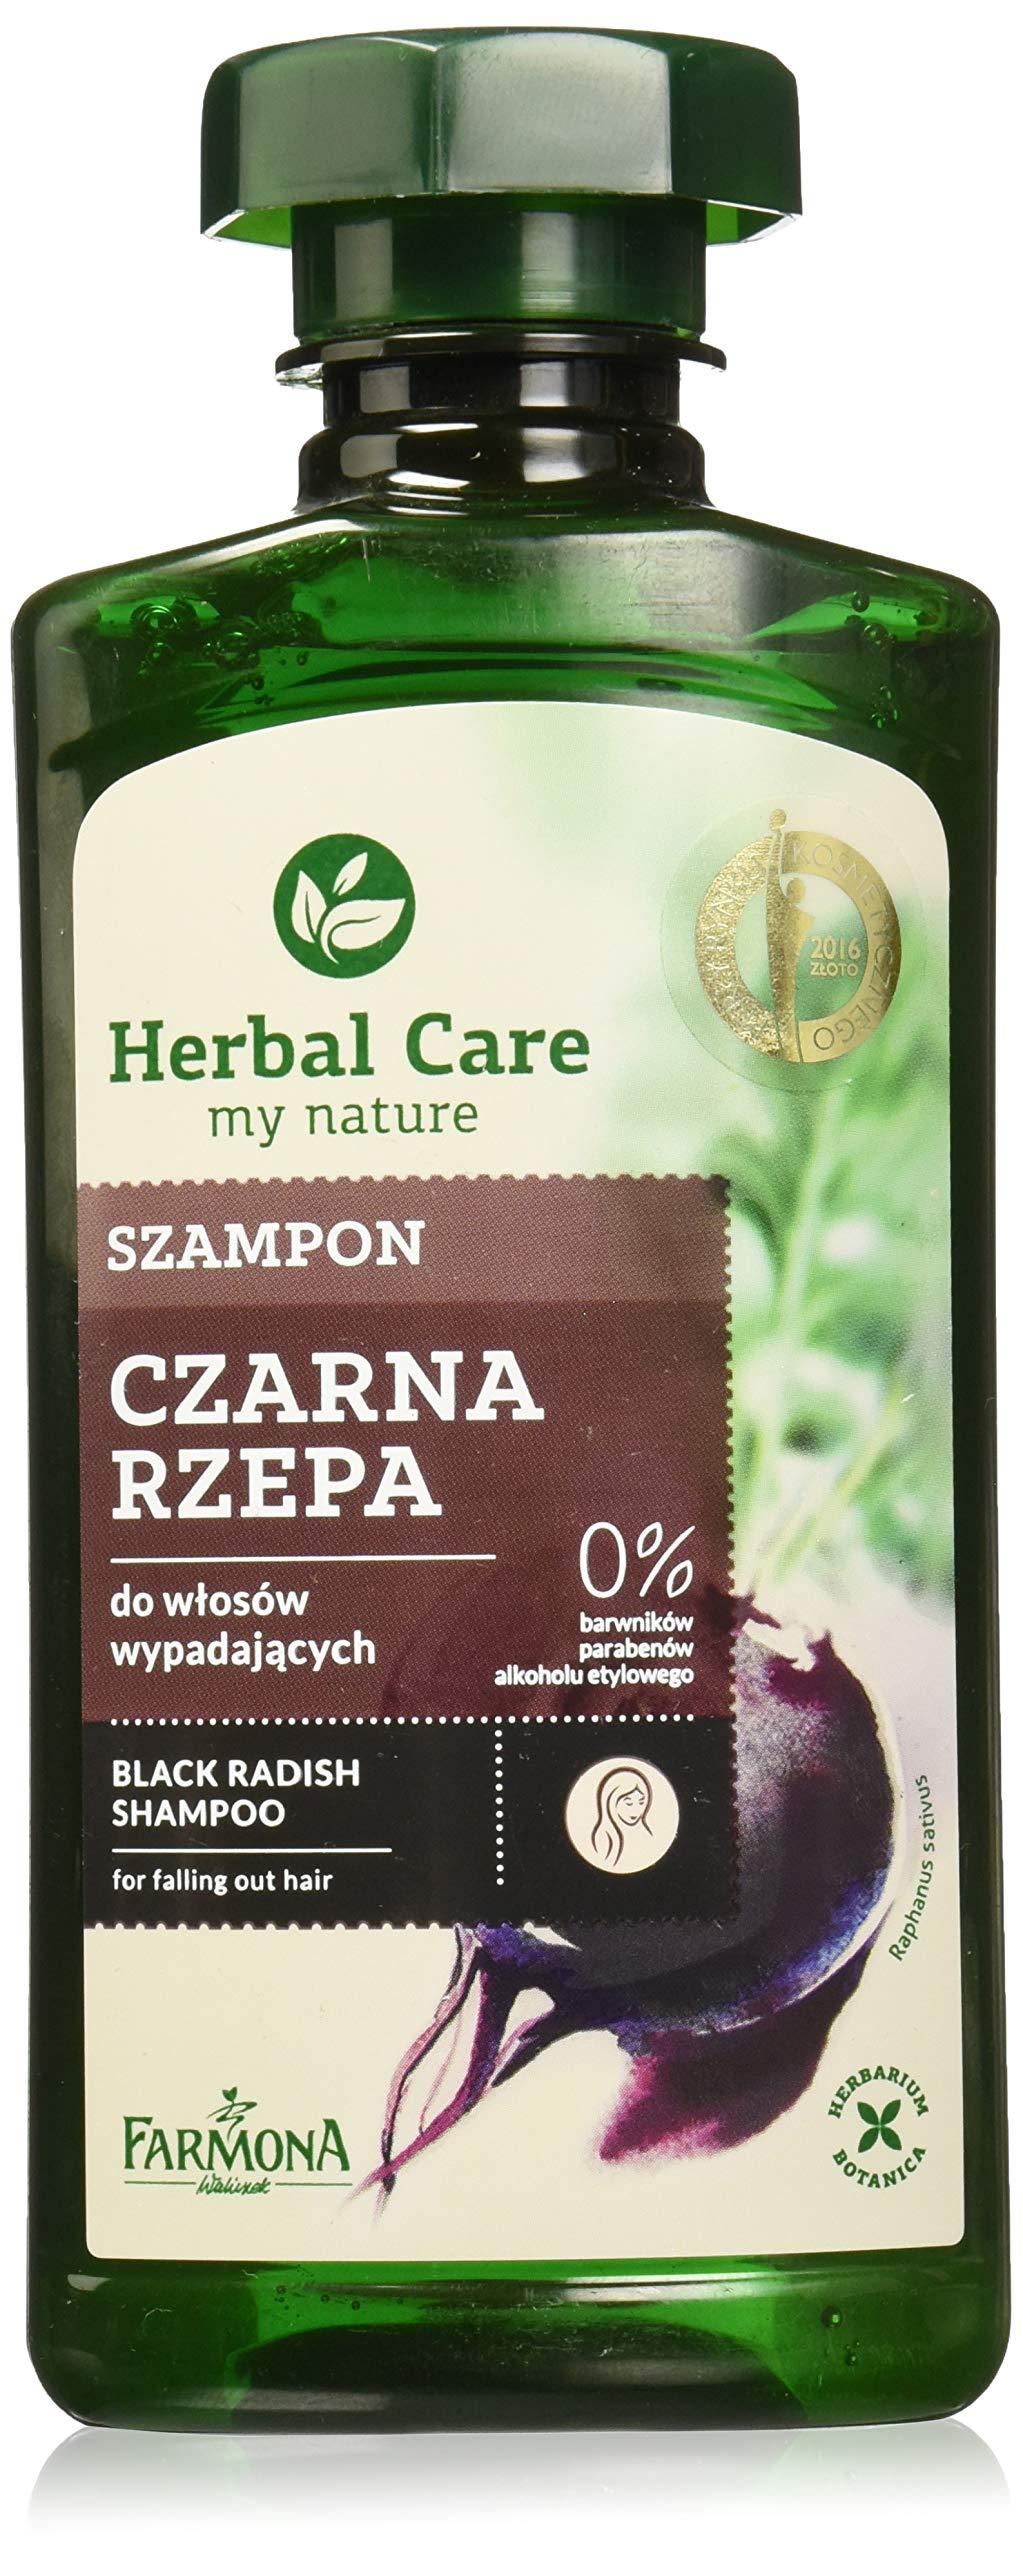 Farmona Herbal Care Black Radish Hair Shampoo 330 Ml